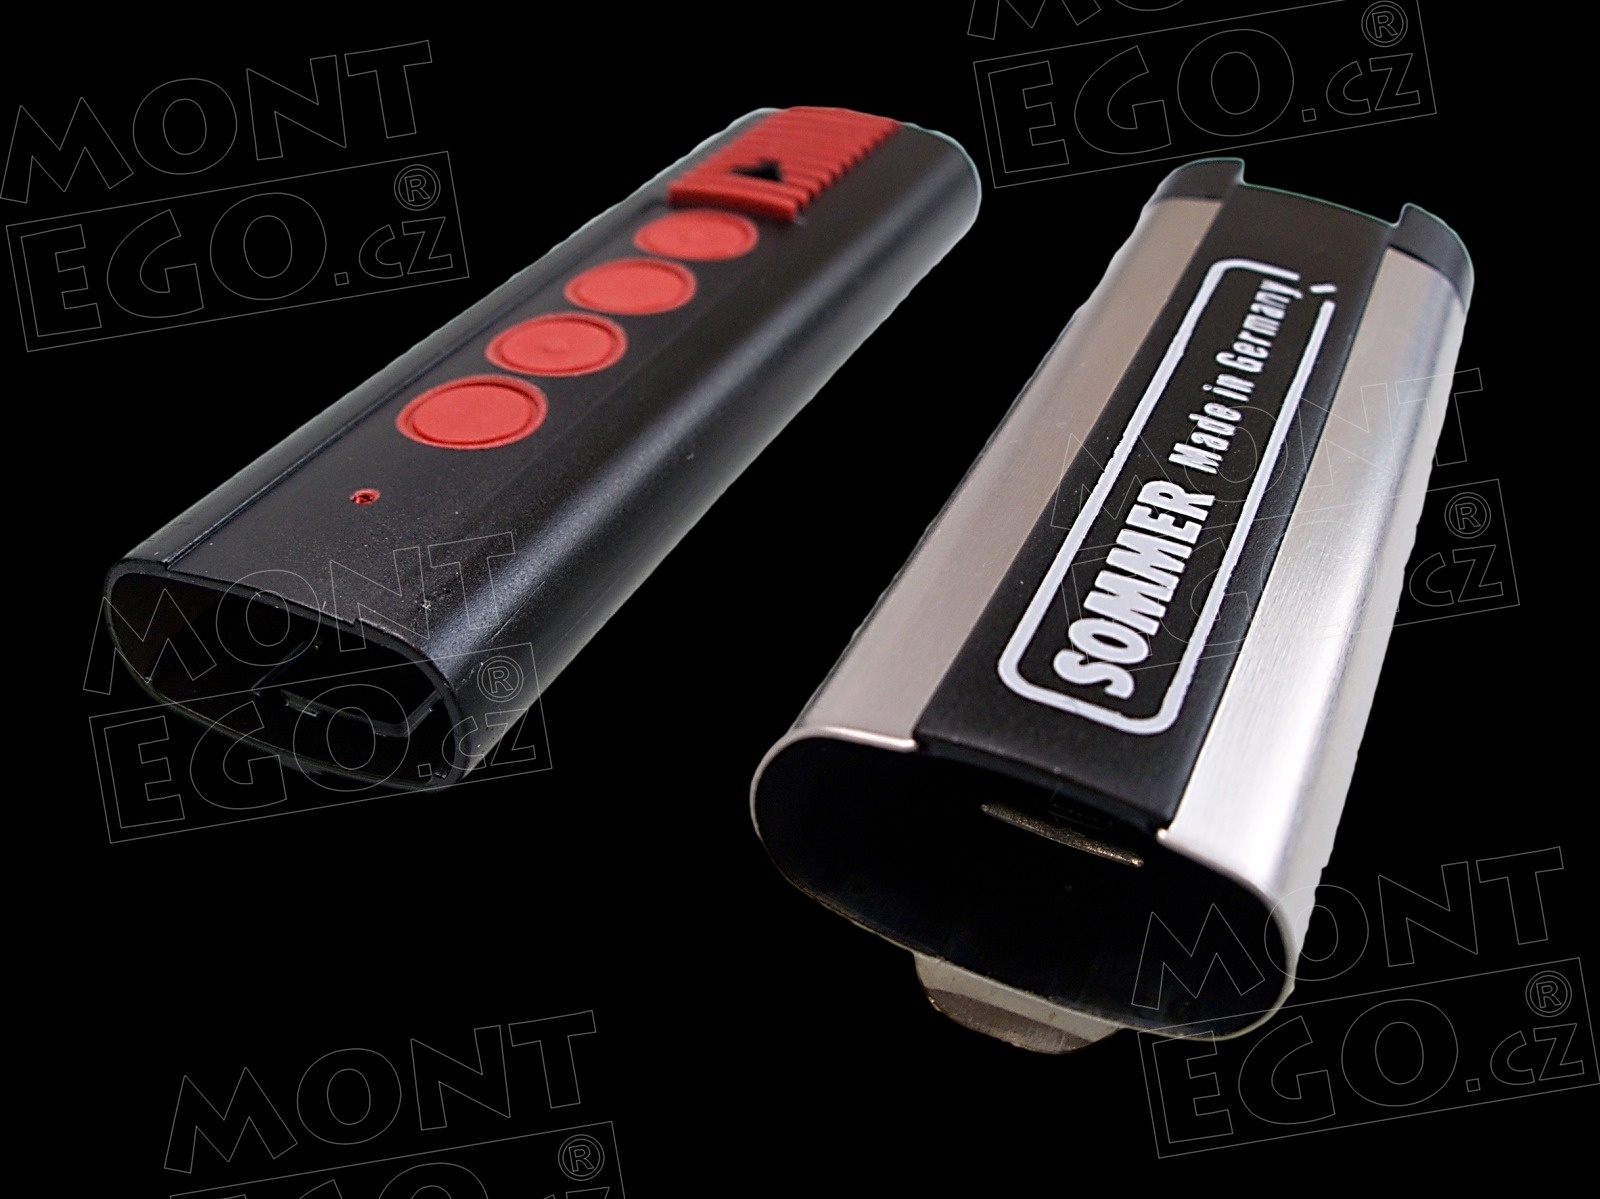 Náhradní obal, náhradní pouzdro pro 4 kanál. výsuvný ovladač Sommer TX03-868-4